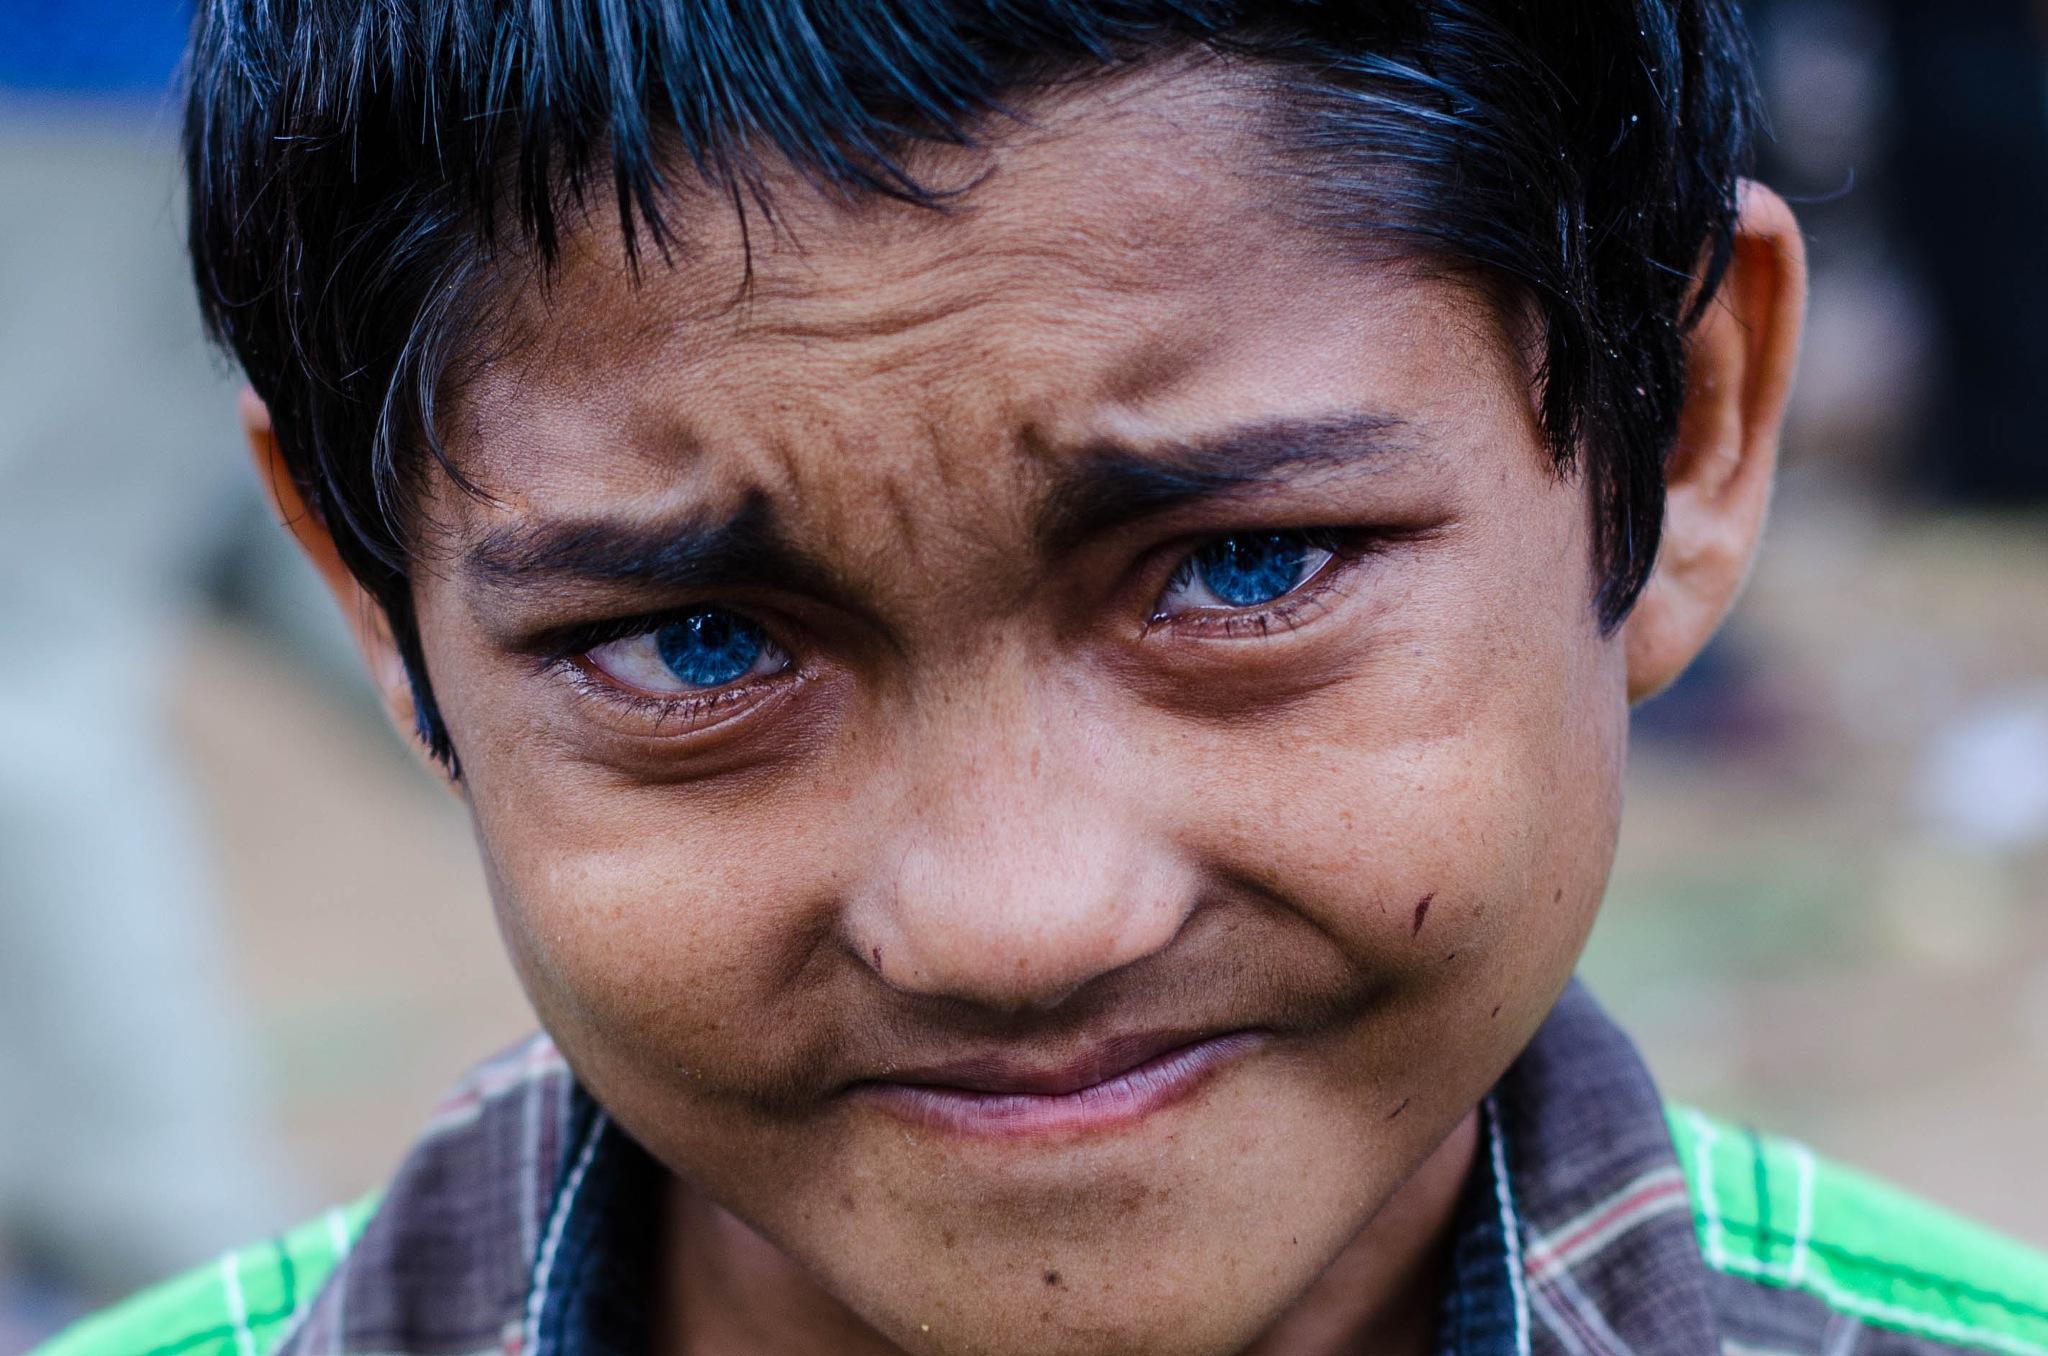 Dreamy Eyes by Masud Khan